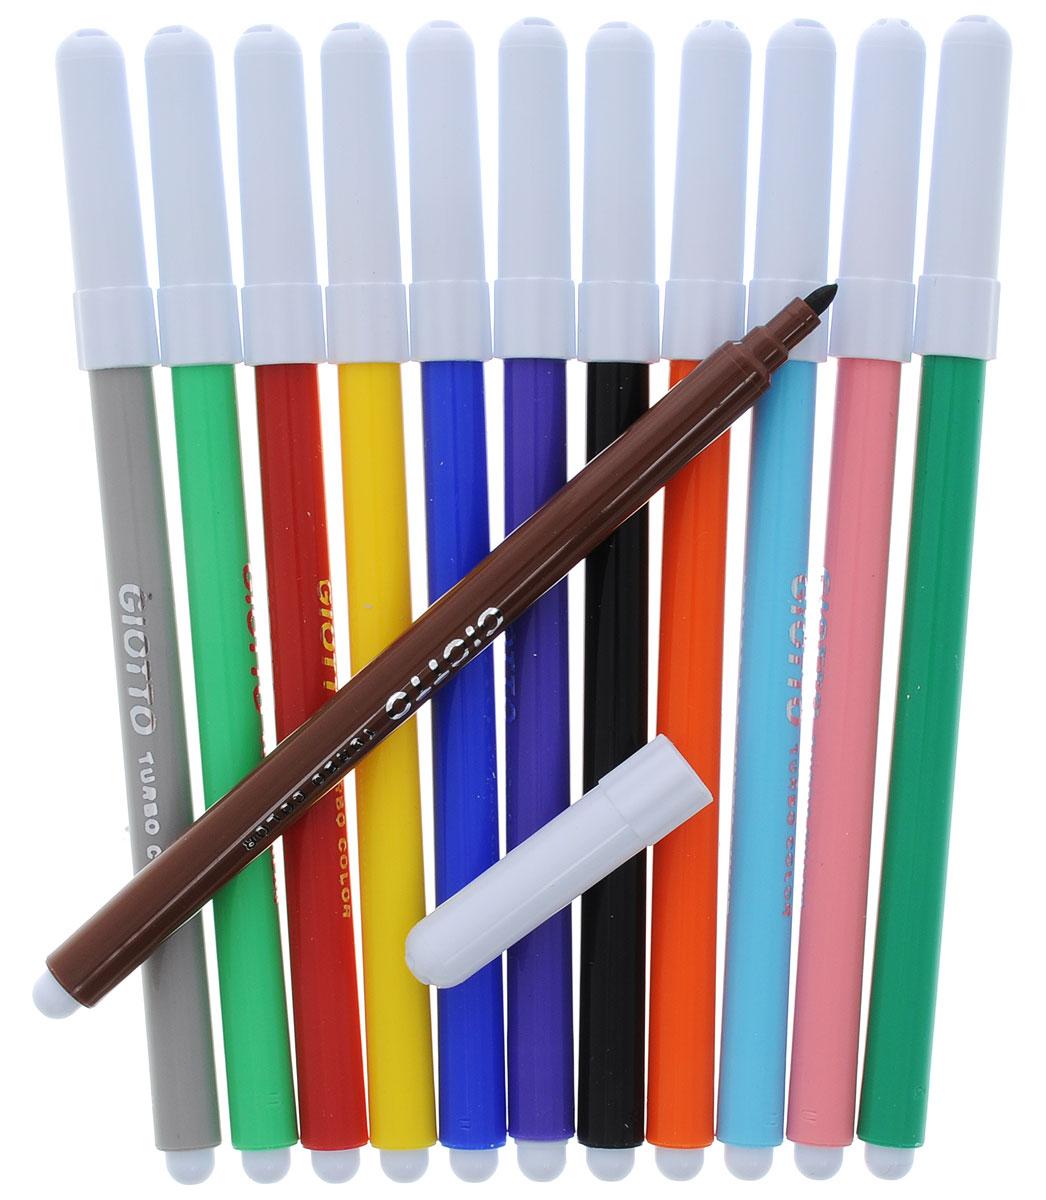 Набор фломастеров Giotto Turbo Color - это 12 ярких насыщенных цвета и оттенка в разноцветных пластиковых корпусах (цвет корпуса соответствует цвету чернил).Суперпрочные стержни фломастеров устойчивы к повышенному давлению и не убираются внутрь. Данные фломастеры дают возможность создавать тонкие линии, ими удобно писать короткие тексты и рисовать. Каждый фломастер оснащен плотным вентилируемым колпачком. Чернила изготовлены на водной основе. Легко отстирываются и смываются с рук.Рисование знакомит ребенка с цветами и формами, и положительно влияет на настроение детей. Кроме того, оно развивает мелкую моторику, воображение и творческое мышление.